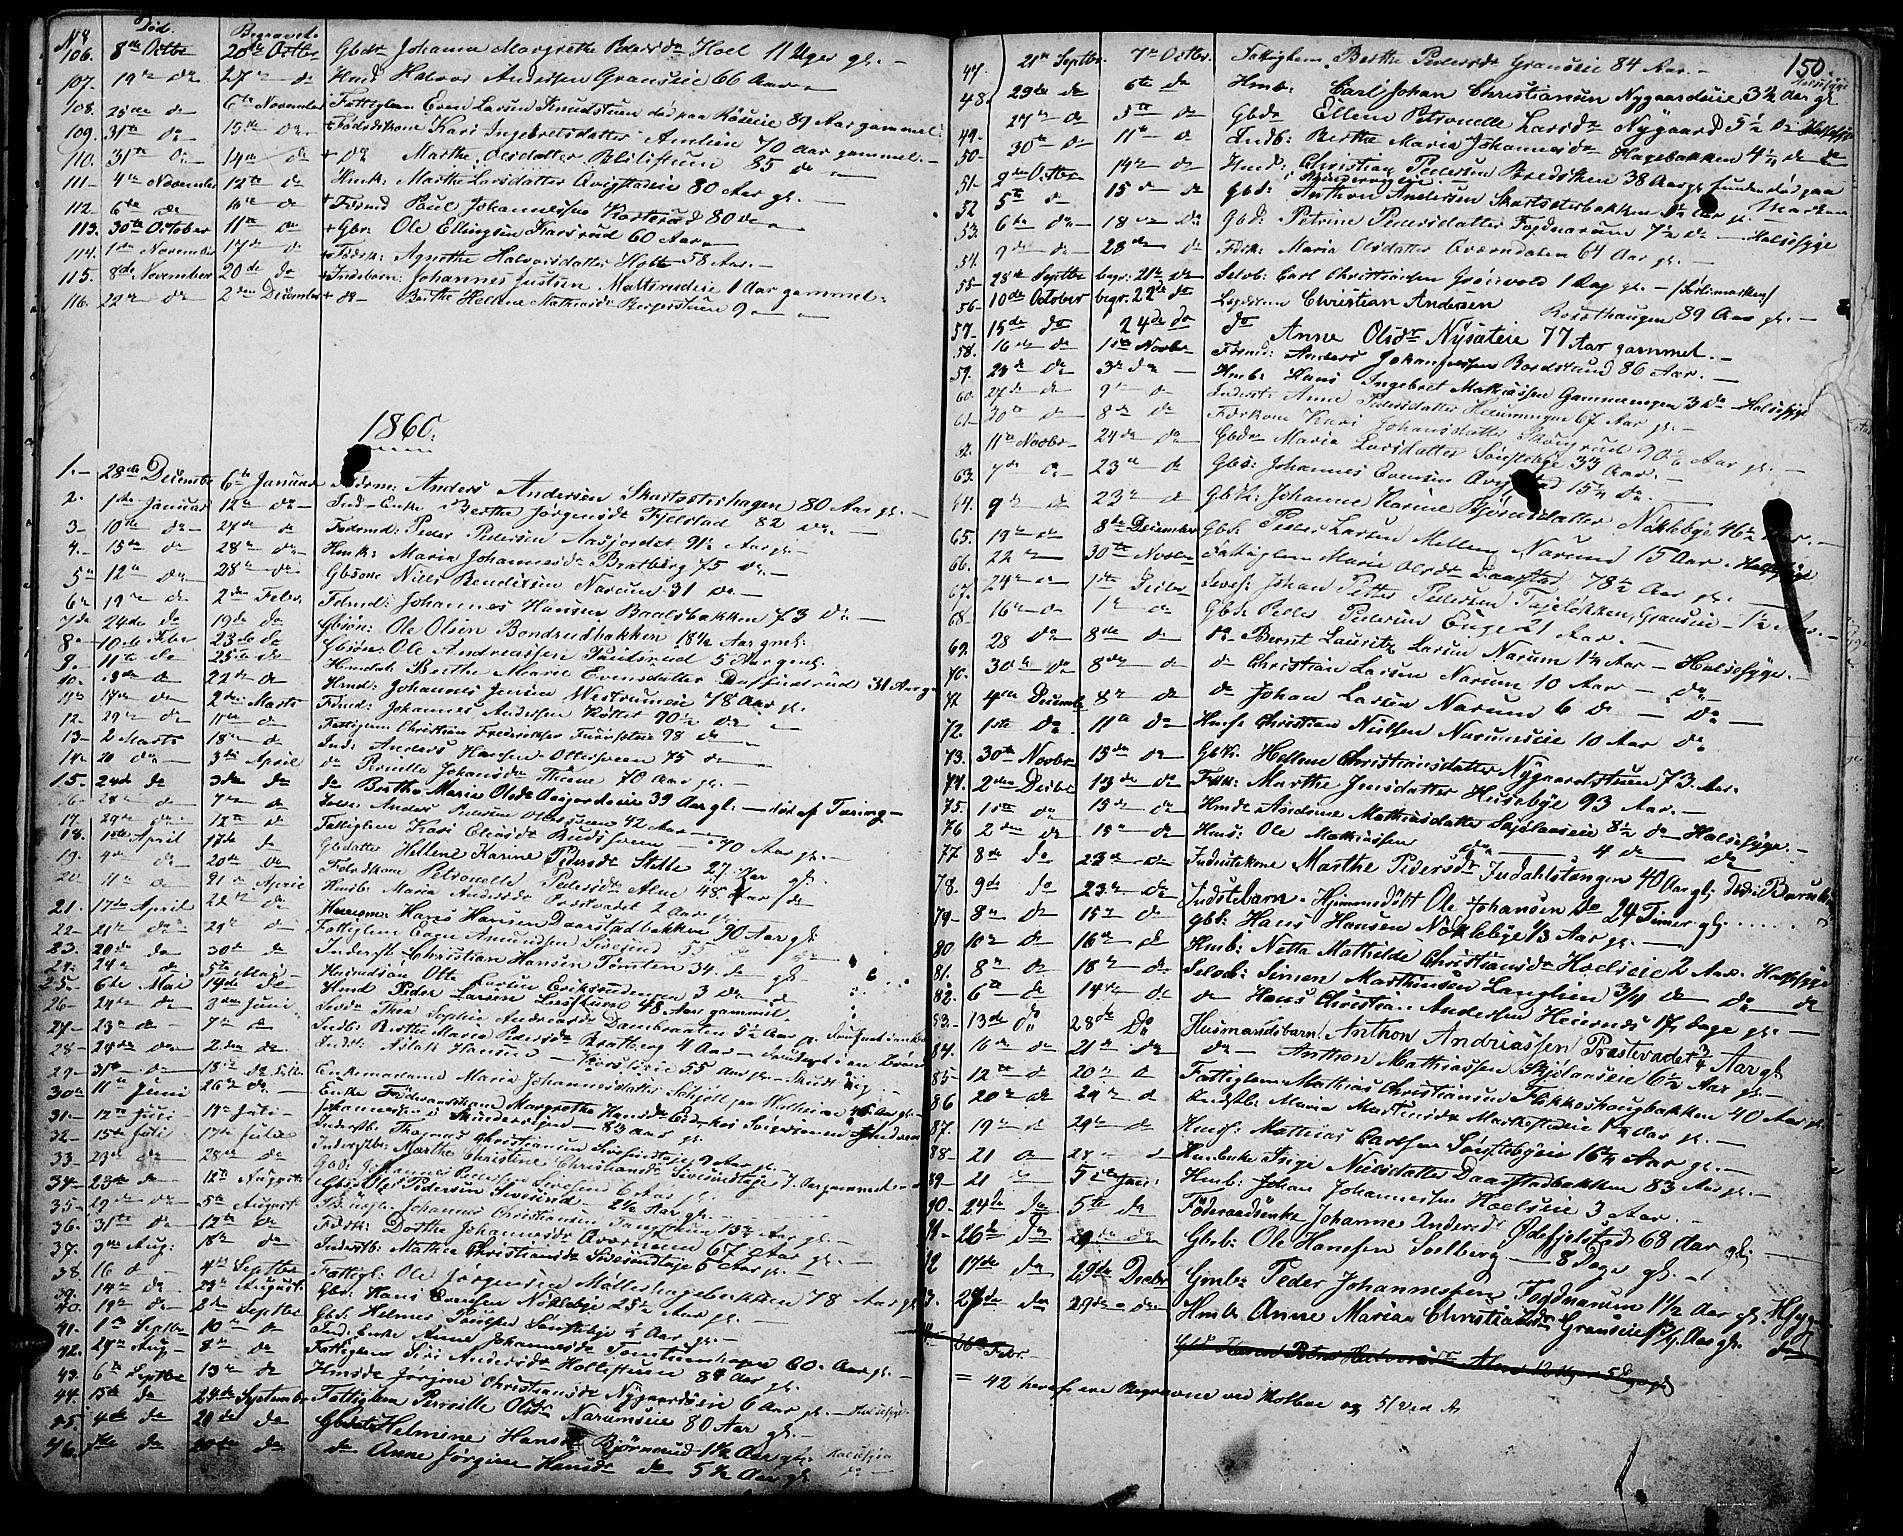 SAH, Vestre Toten prestekontor, Klokkerbok nr. 5, 1854-1870, s. 150